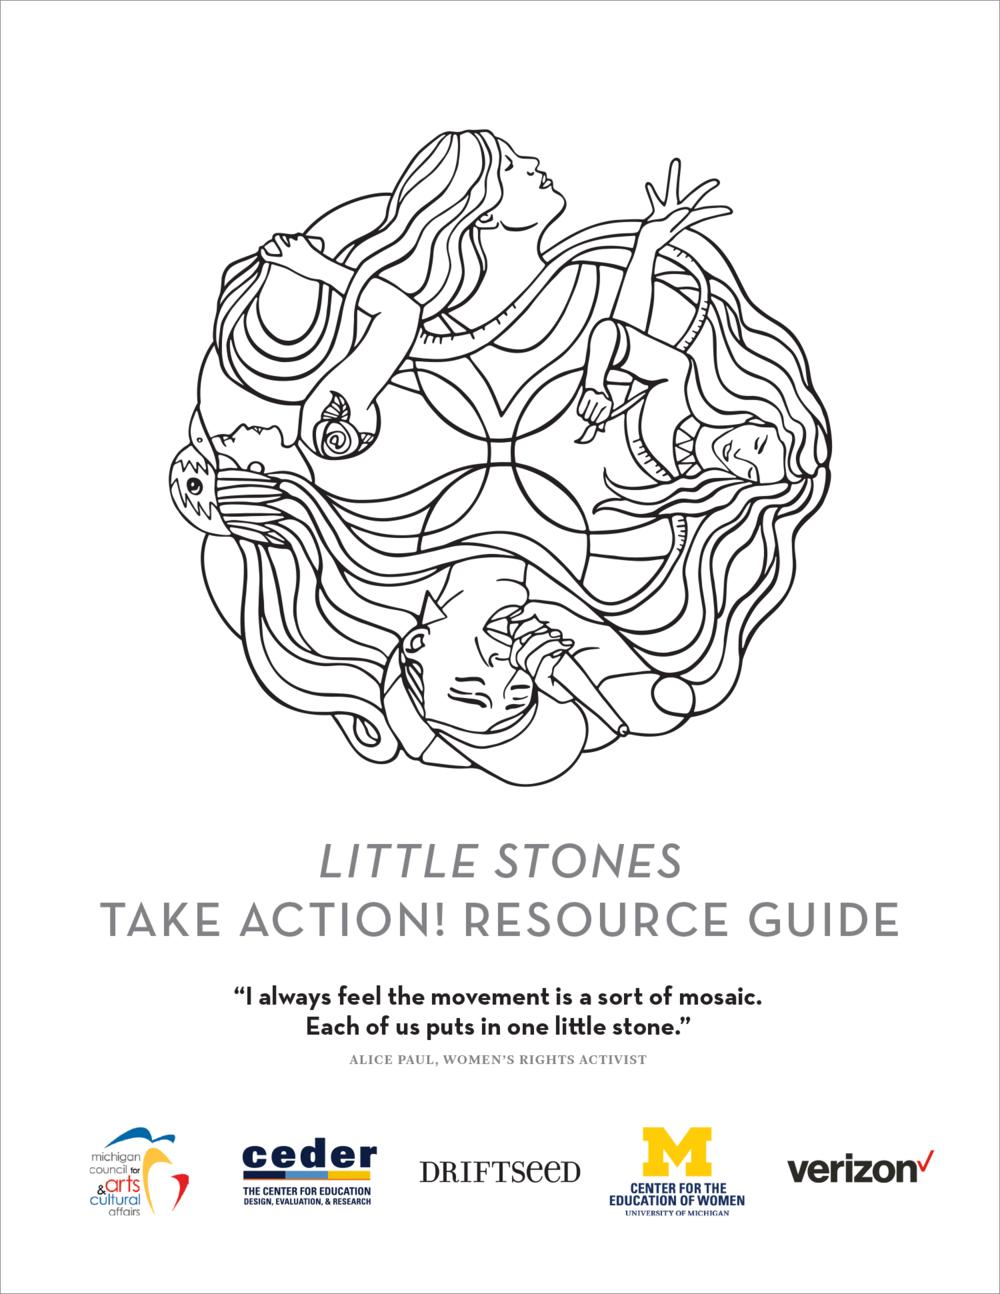 littlestones_resources-01.png